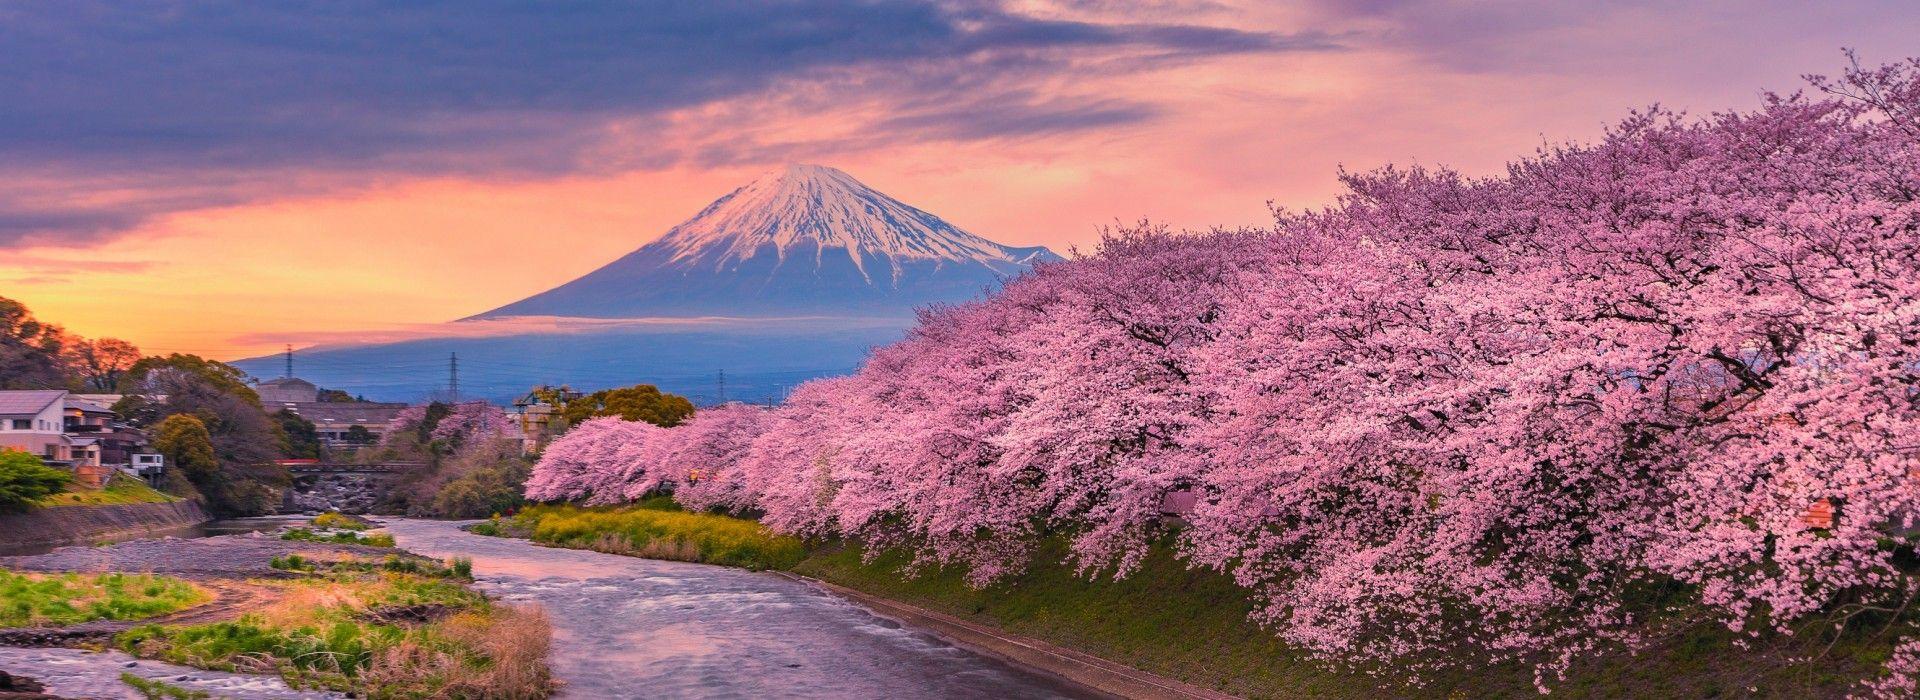 Natural landmarks sightseeing Tours in Tokyo